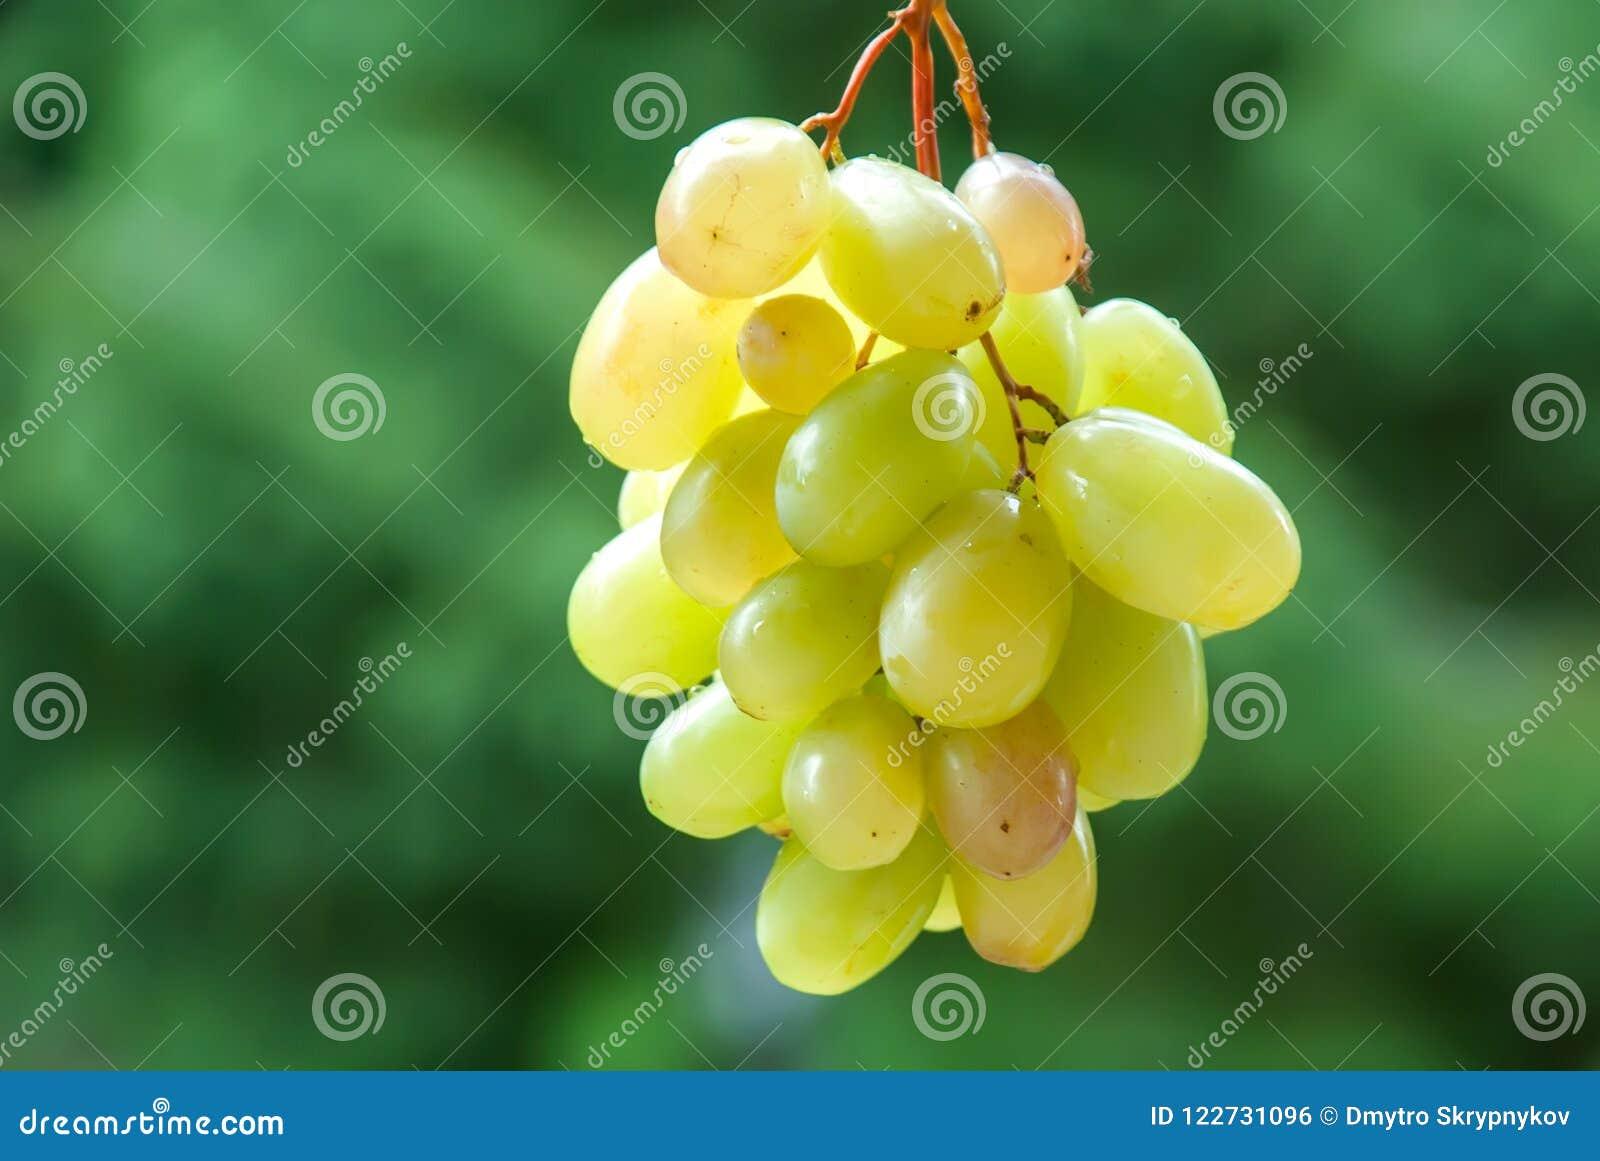 Weintrauben auf der Rebe Sonniger Weinberg auf dem Hintergrund